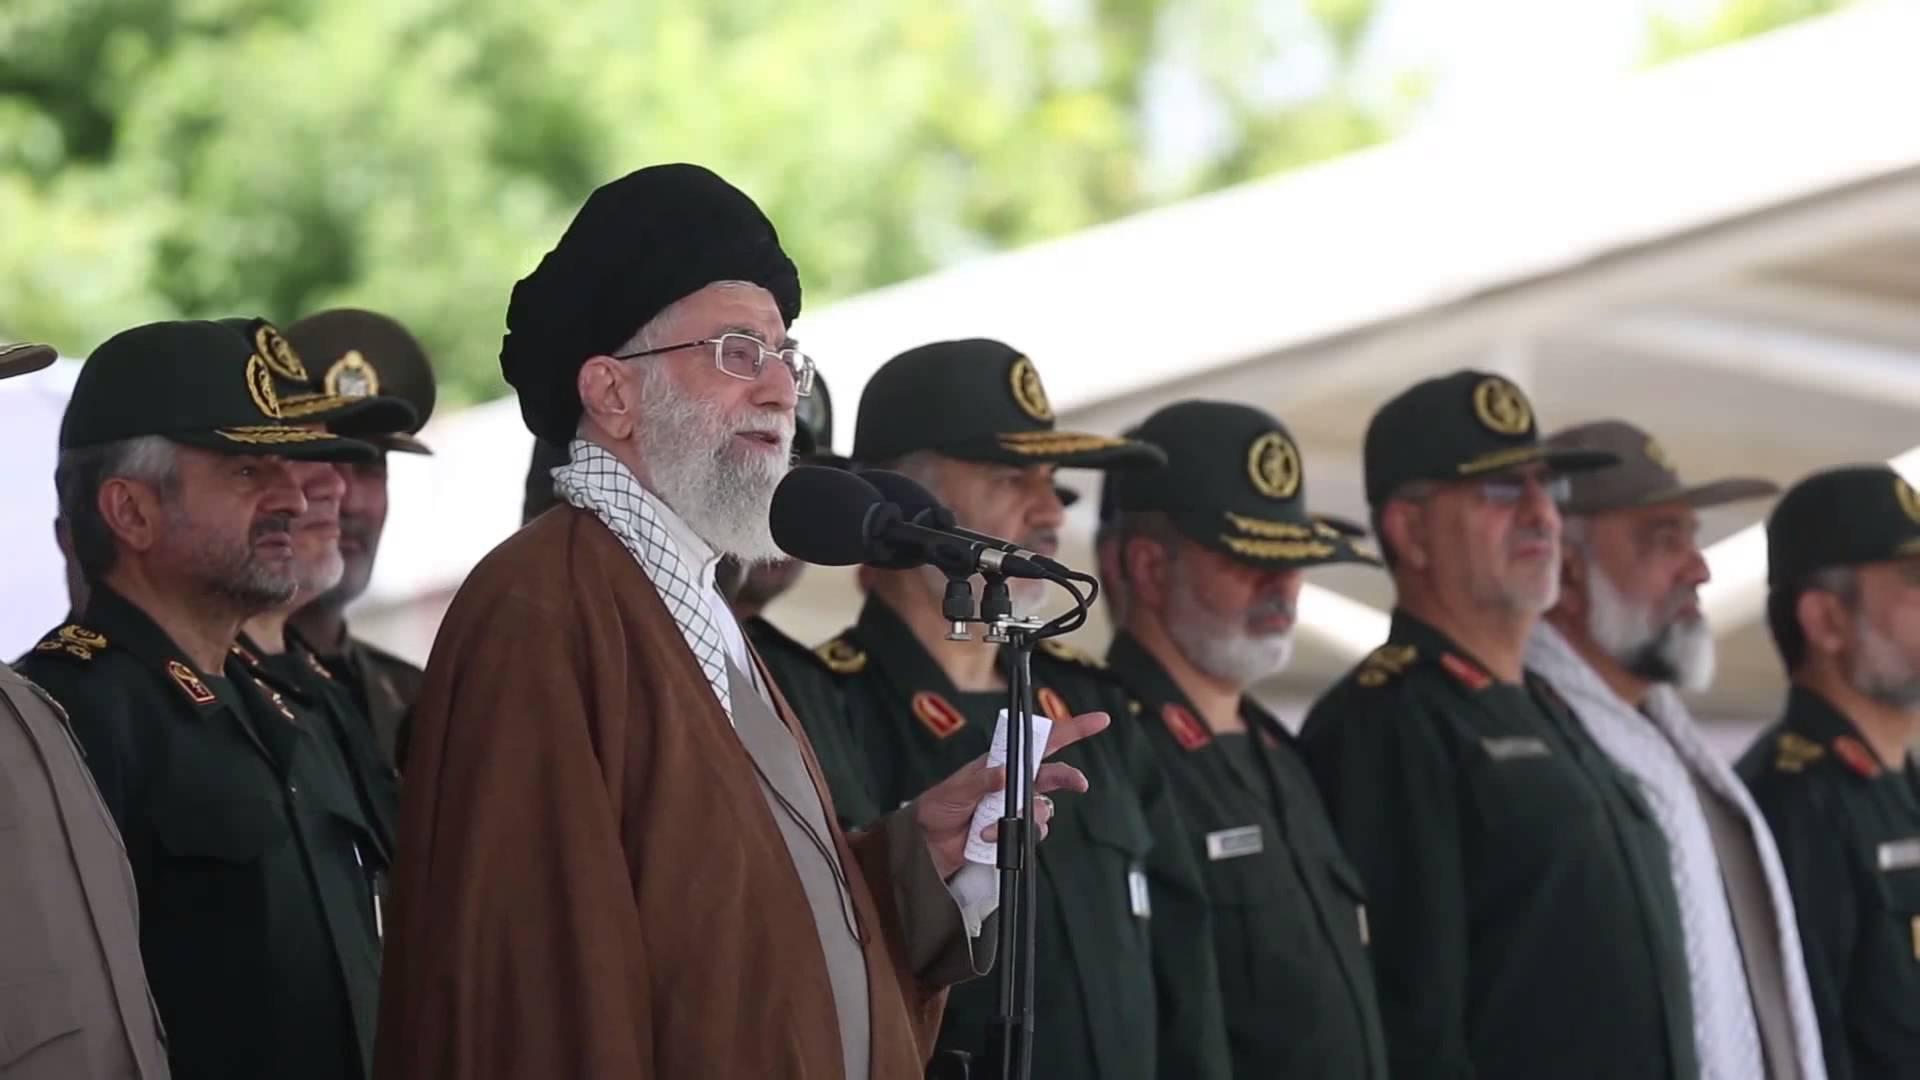 یک گزارش اروپایی ایران را به دخالت در امور داخلی چهارده کشور متهم کرد